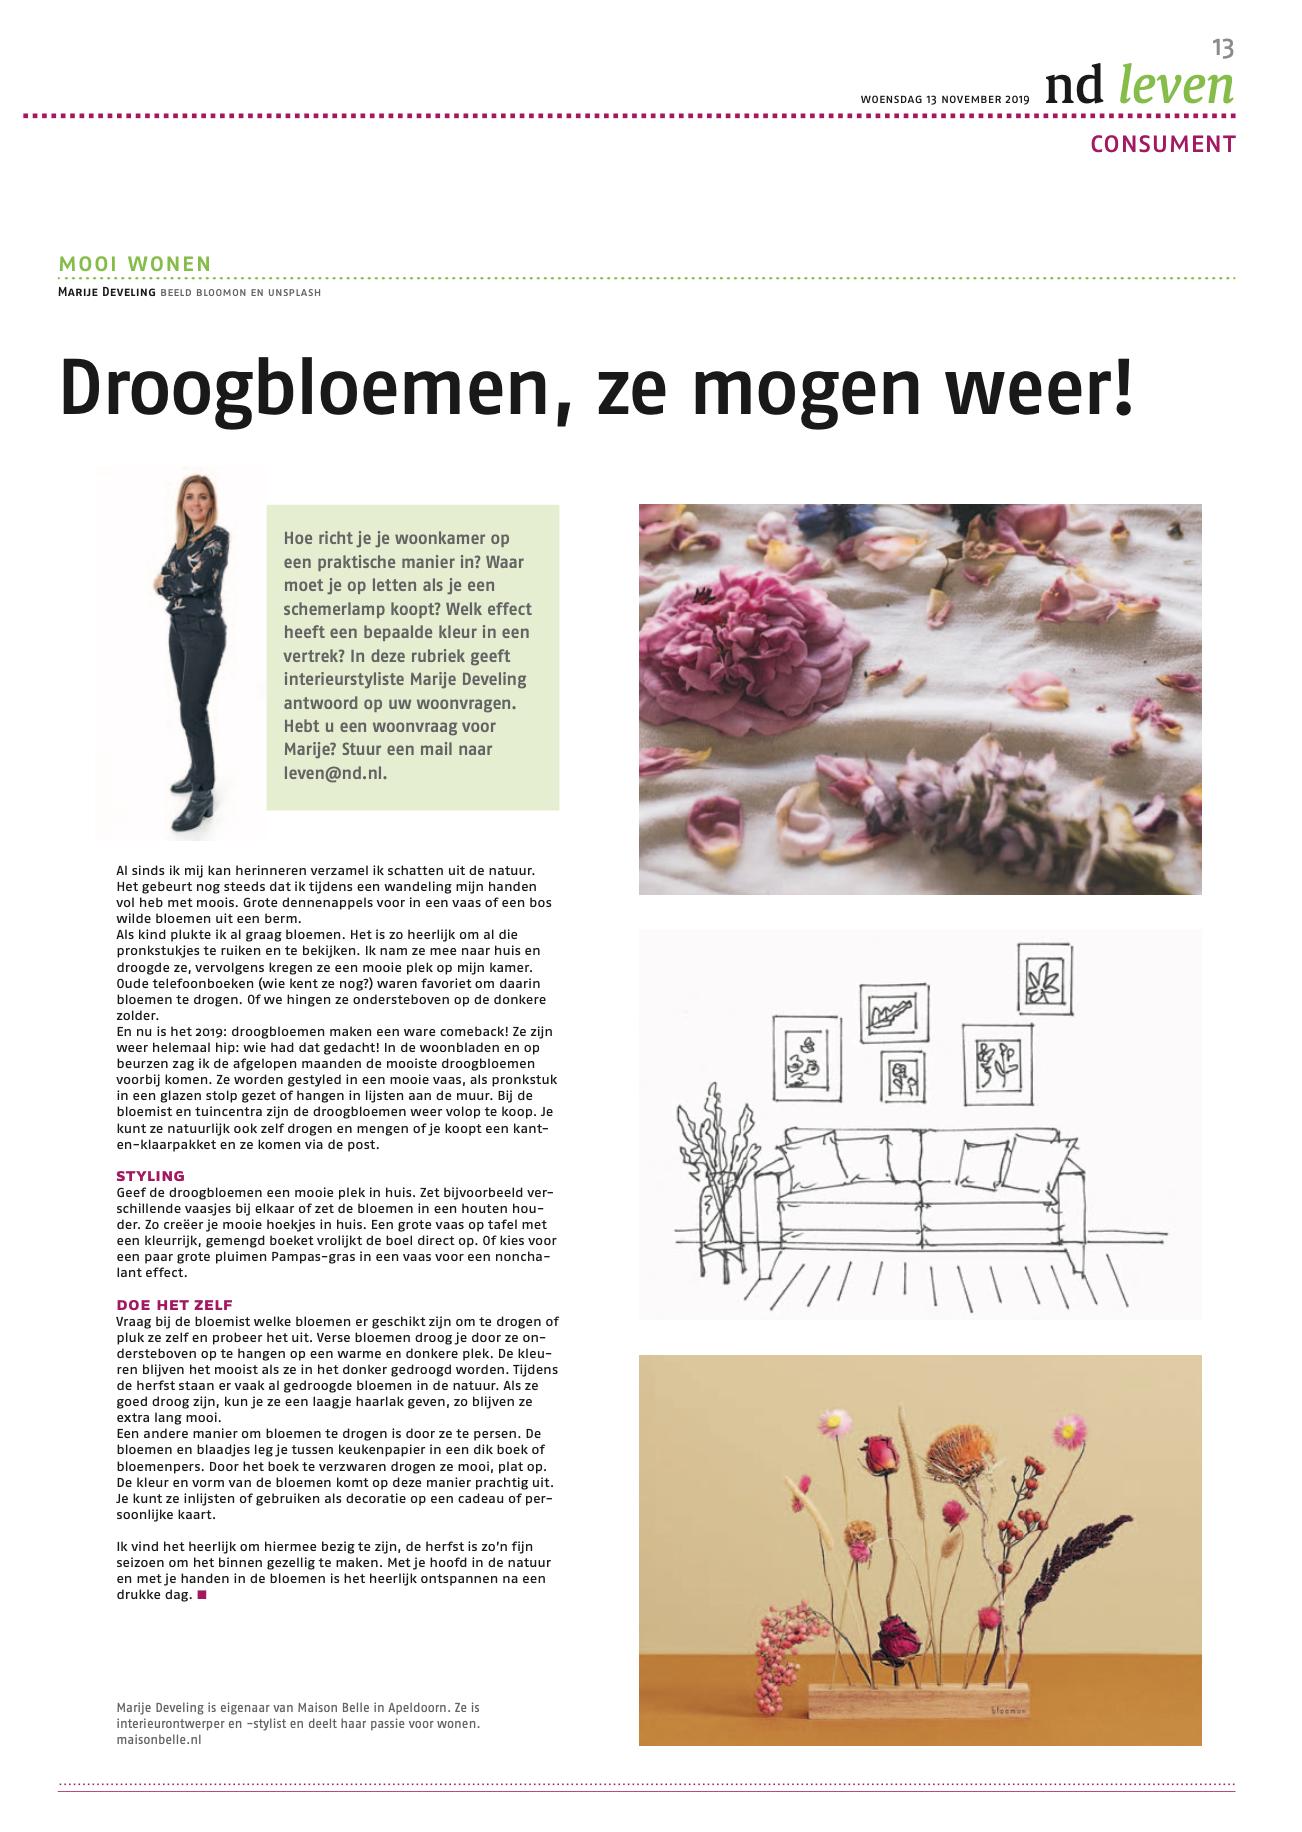 droogbloemen blog column